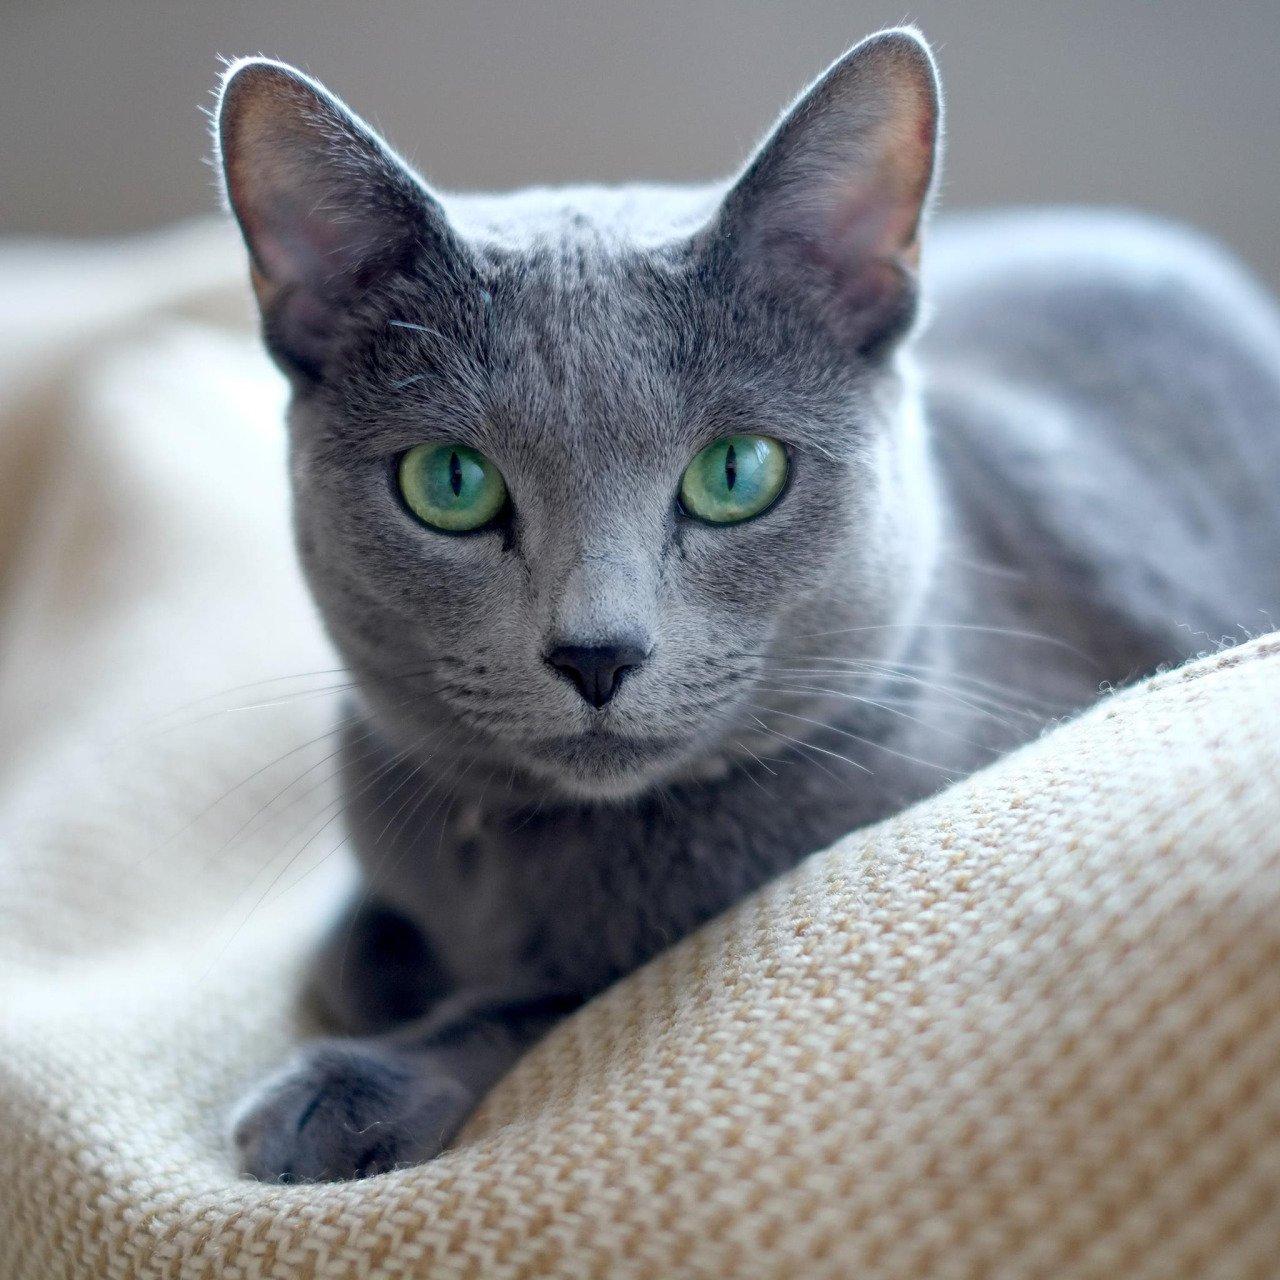 картинки с русского голубой кошкой композициями таких цветов